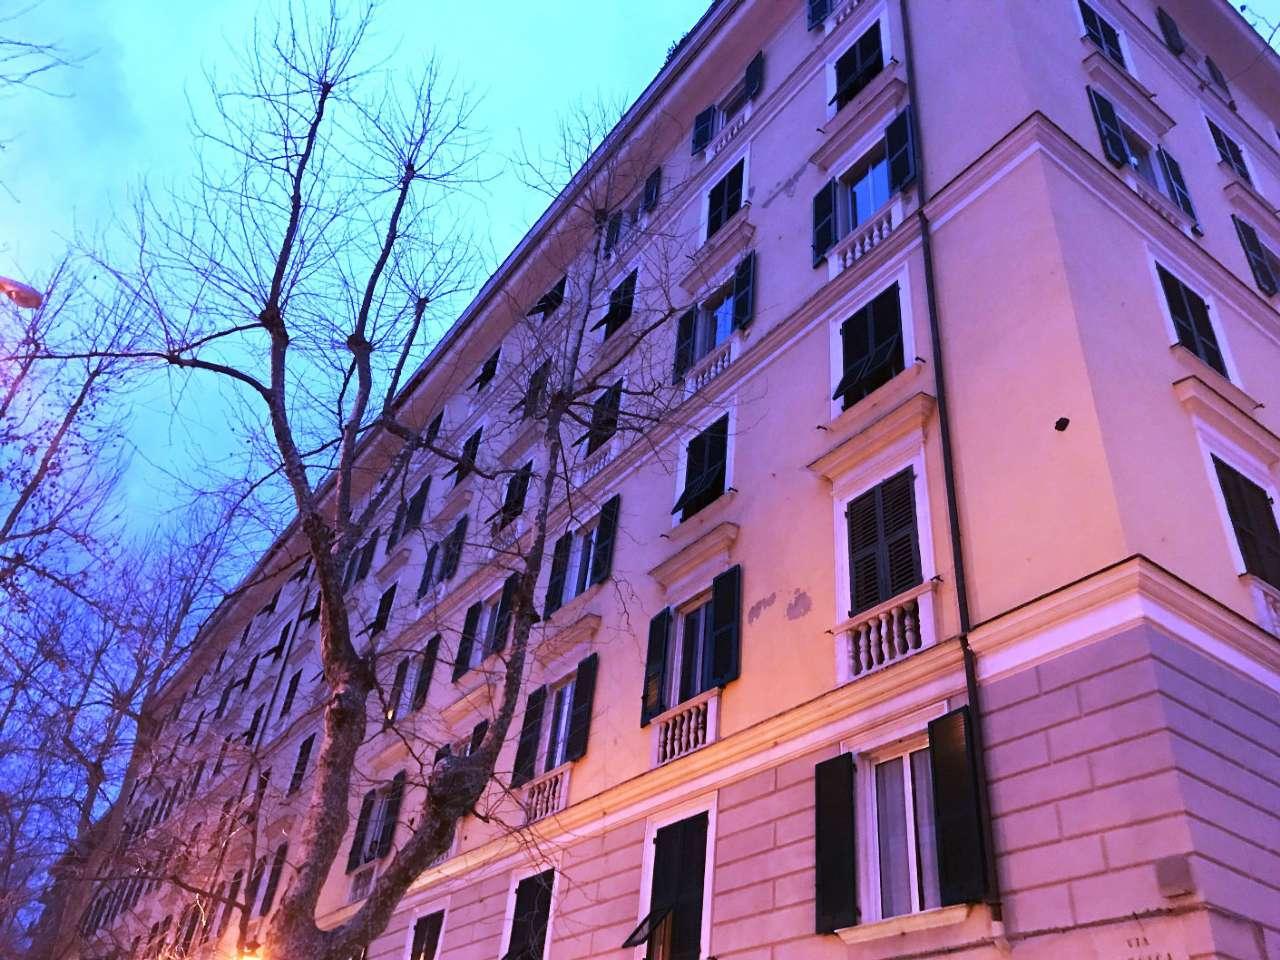 Ufficio / Studio in affitto a Genova, 1 locali, zona Zona: 2 . Foce, Castelletto, Albaro, Carignano, Medio Levante, prezzo € 250 | CambioCasa.it